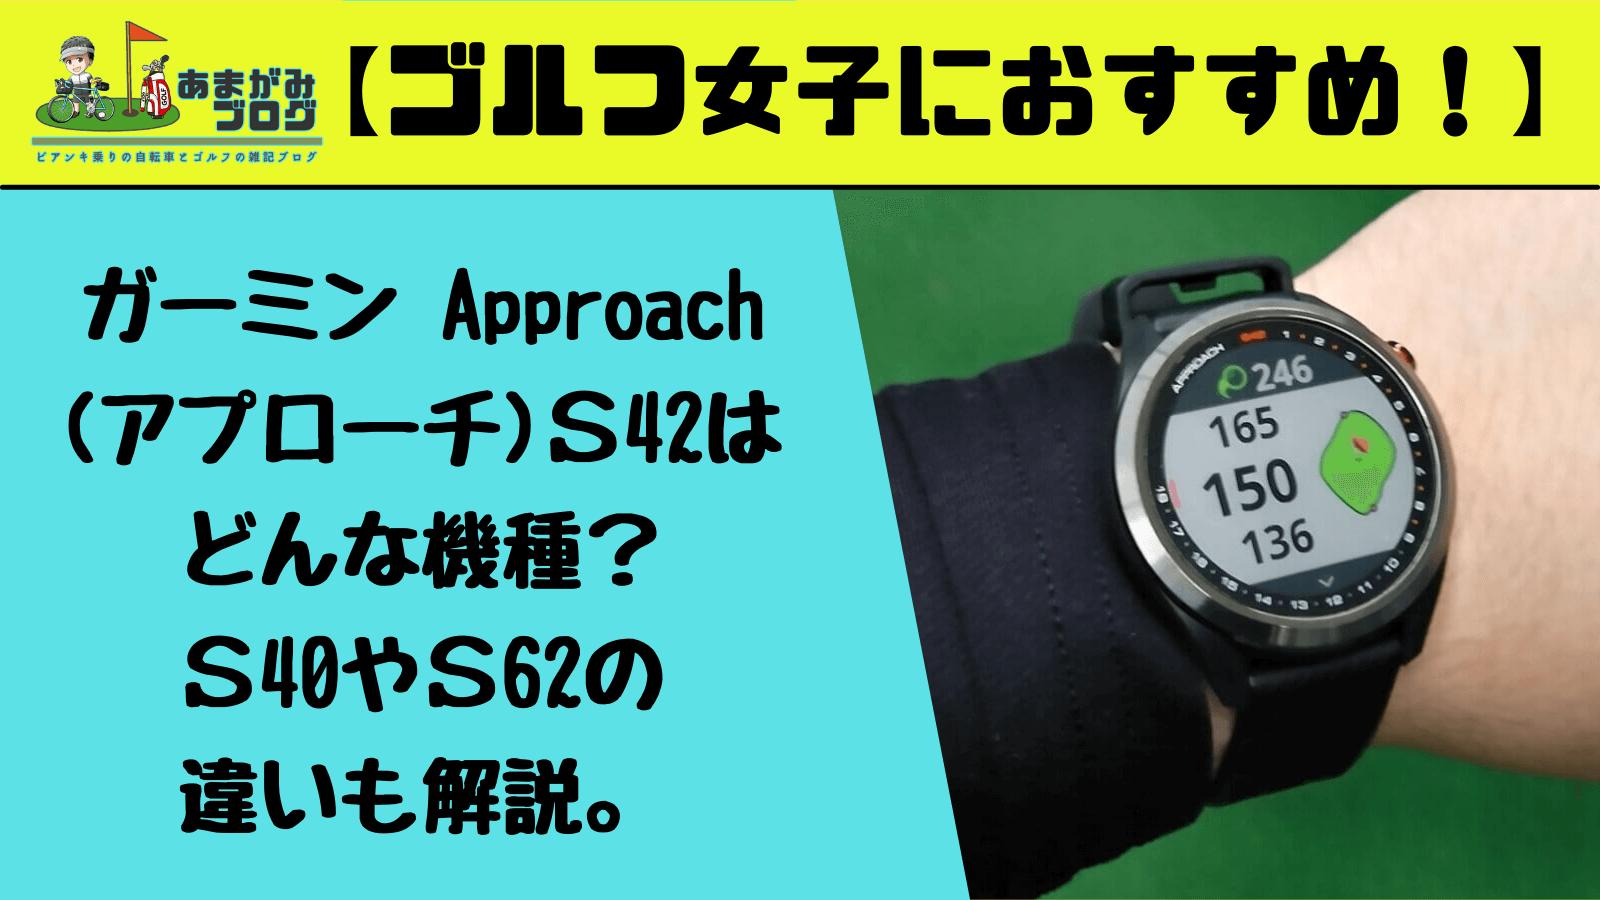 ガーミン Approach(アプローチ)S42はどんな機種?S40やS62の違いも解説。